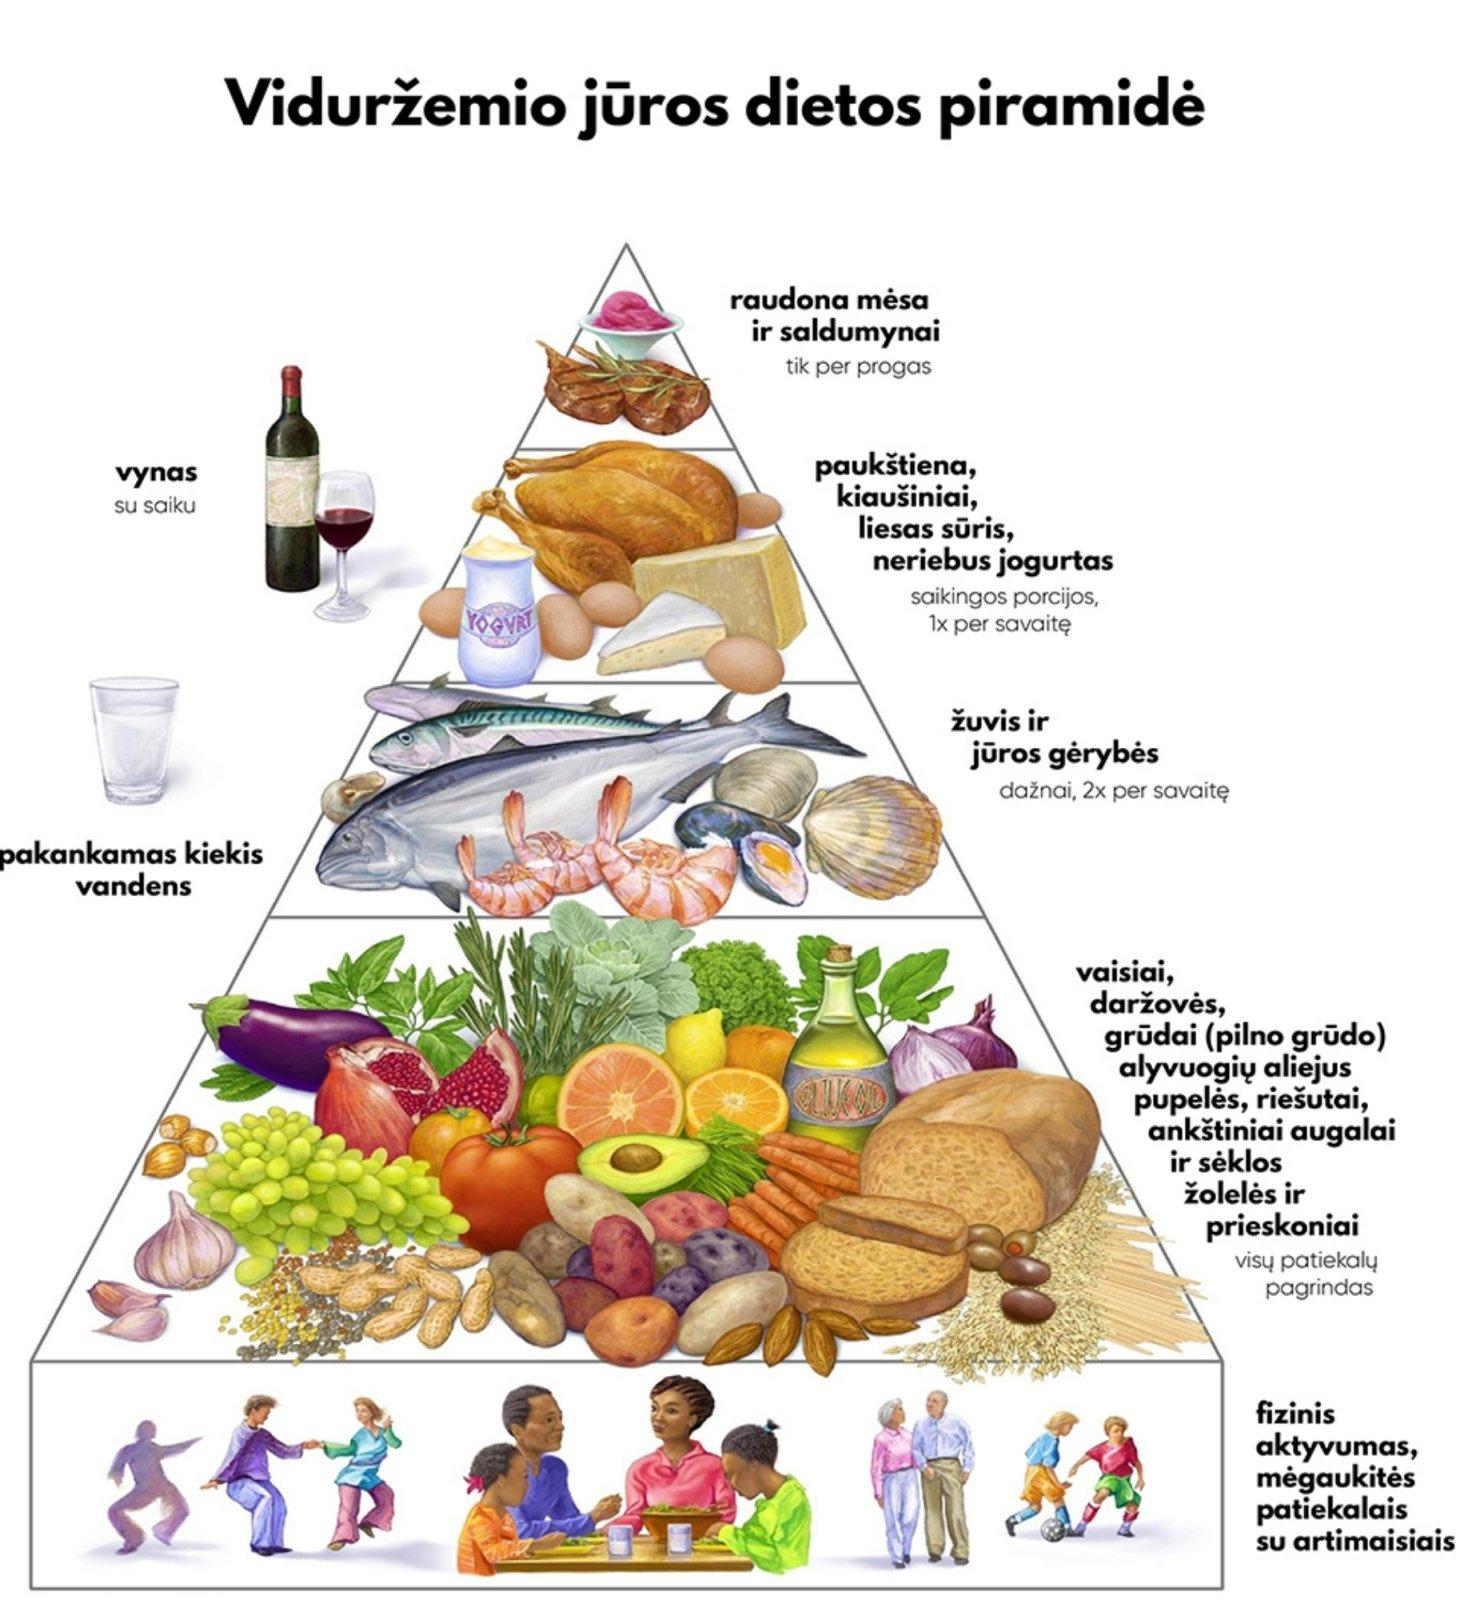 hipertenzija ir didelis cholesterolio kiekis bei dieta)